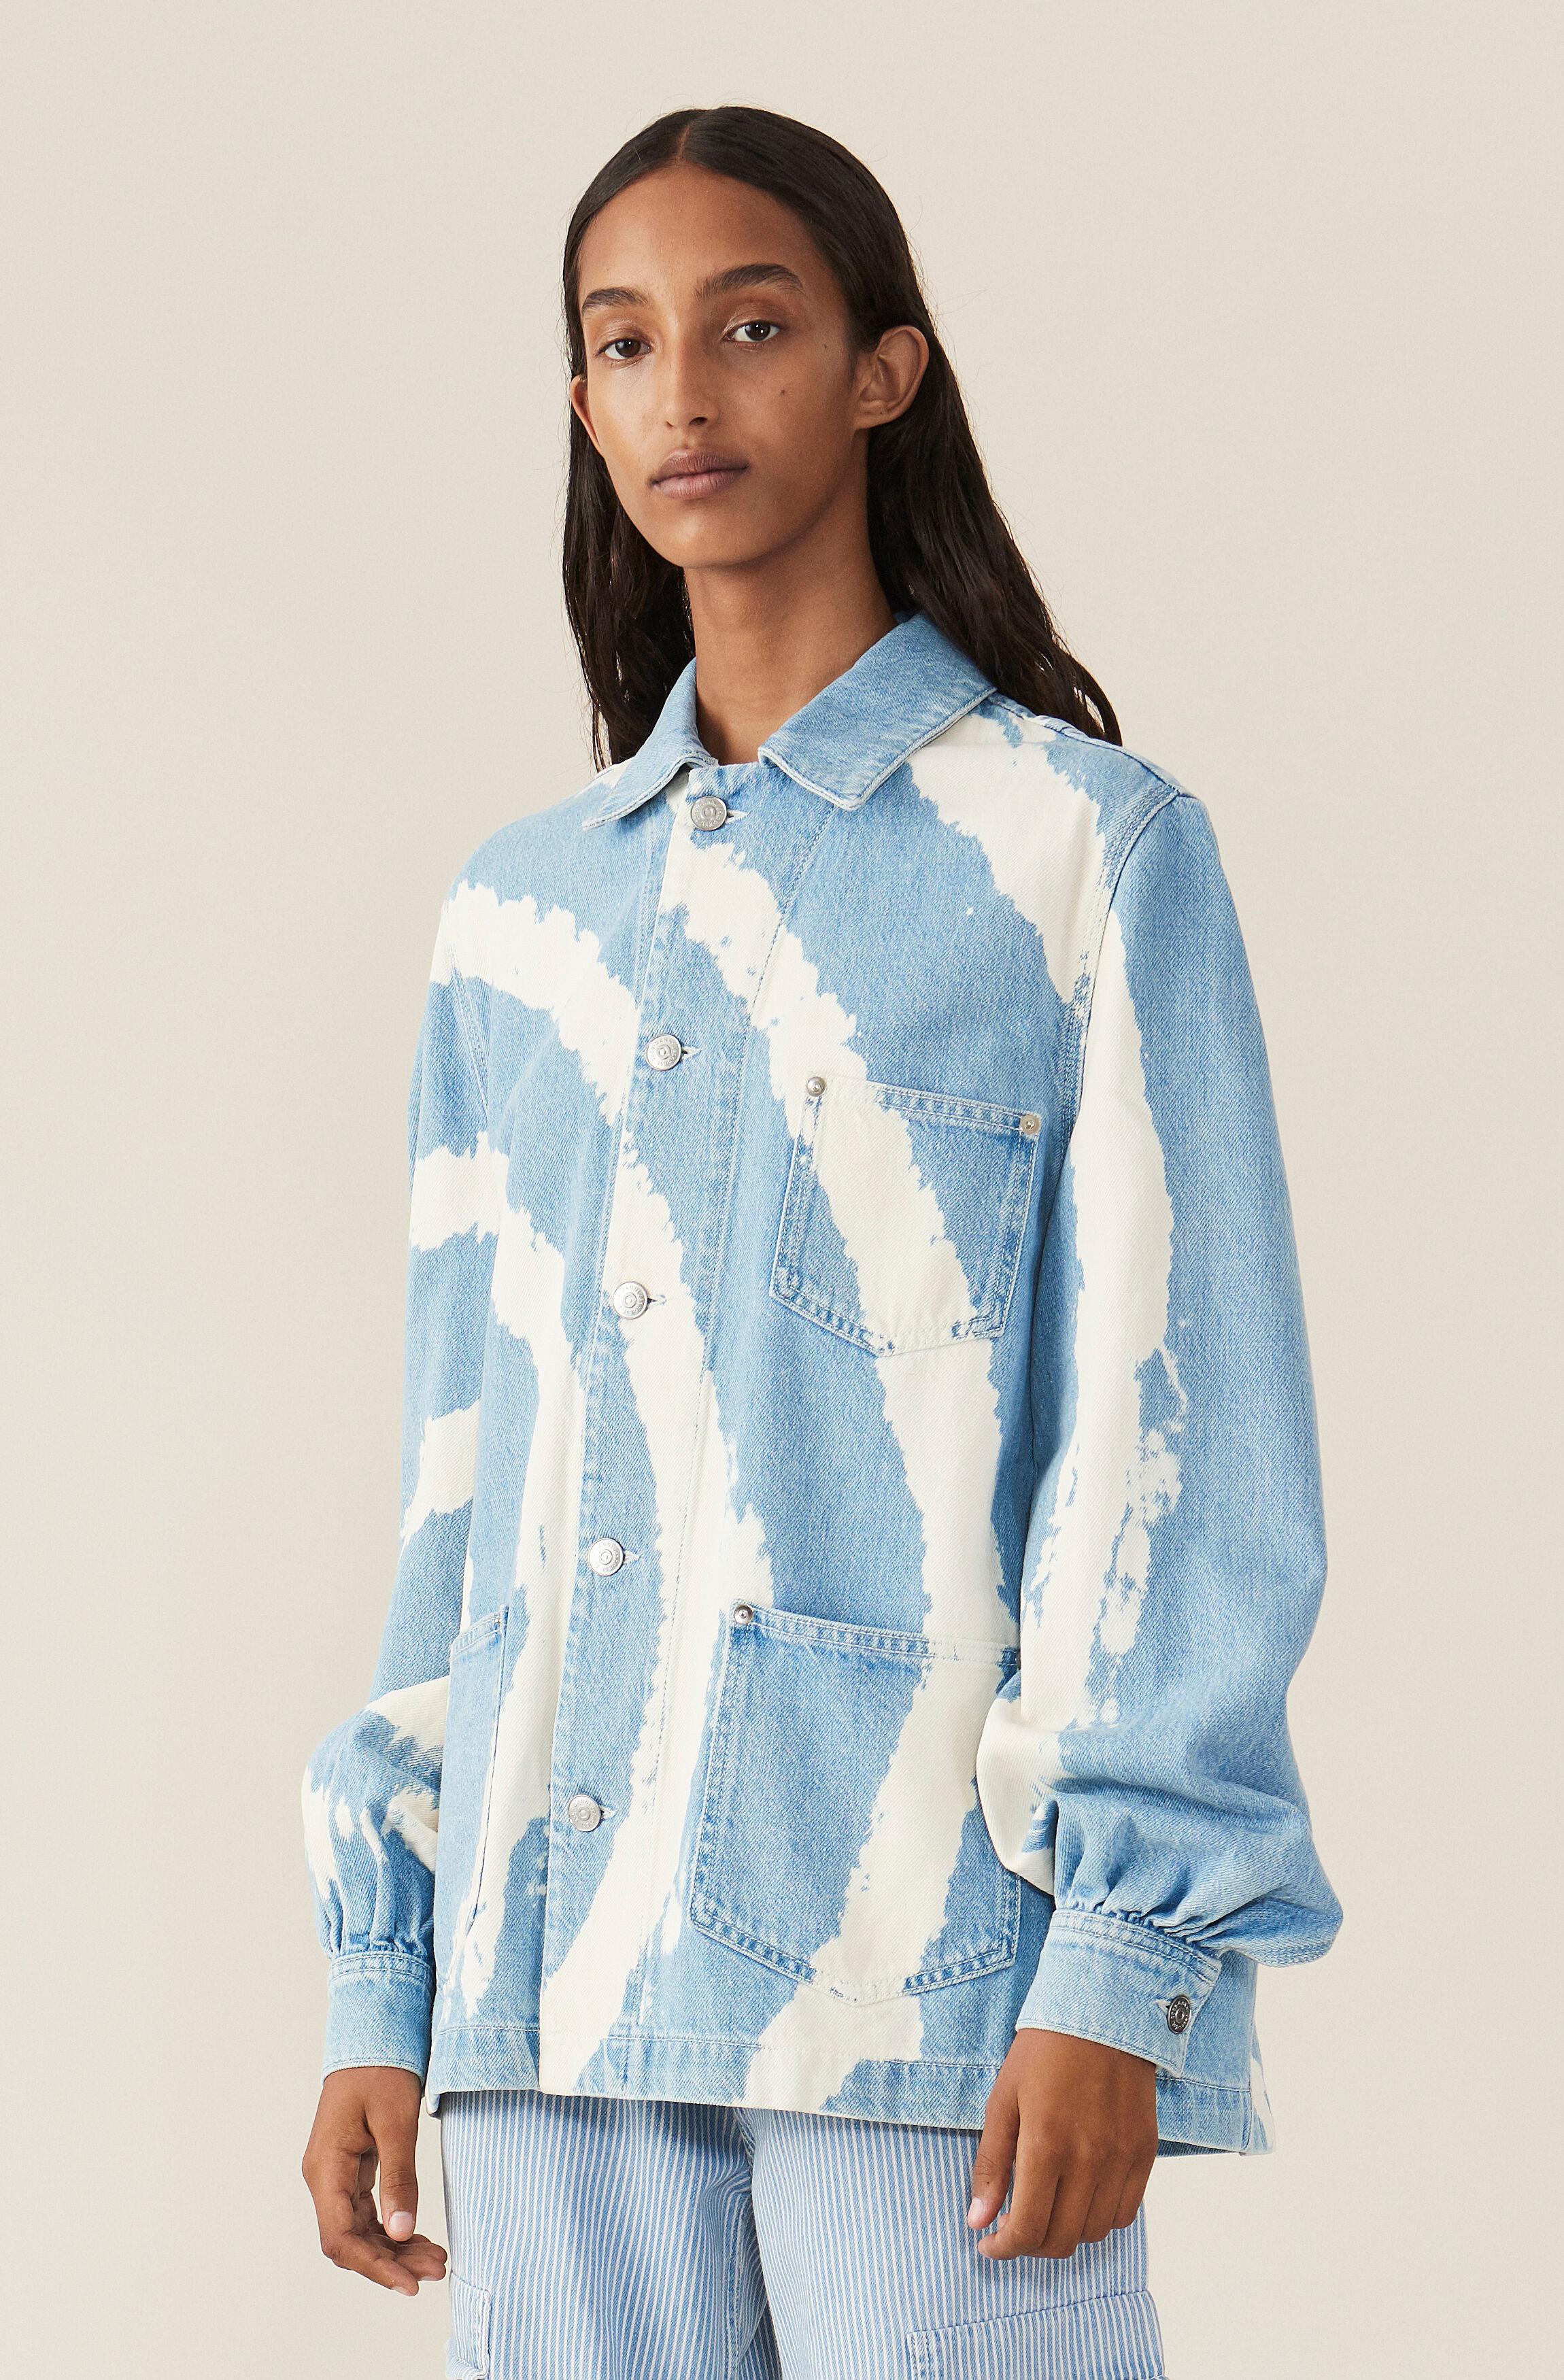 3f7707ba019 GANNI Blue Washed Denim Shirt - Bleach Tie Dye ( 430.00 GBP )